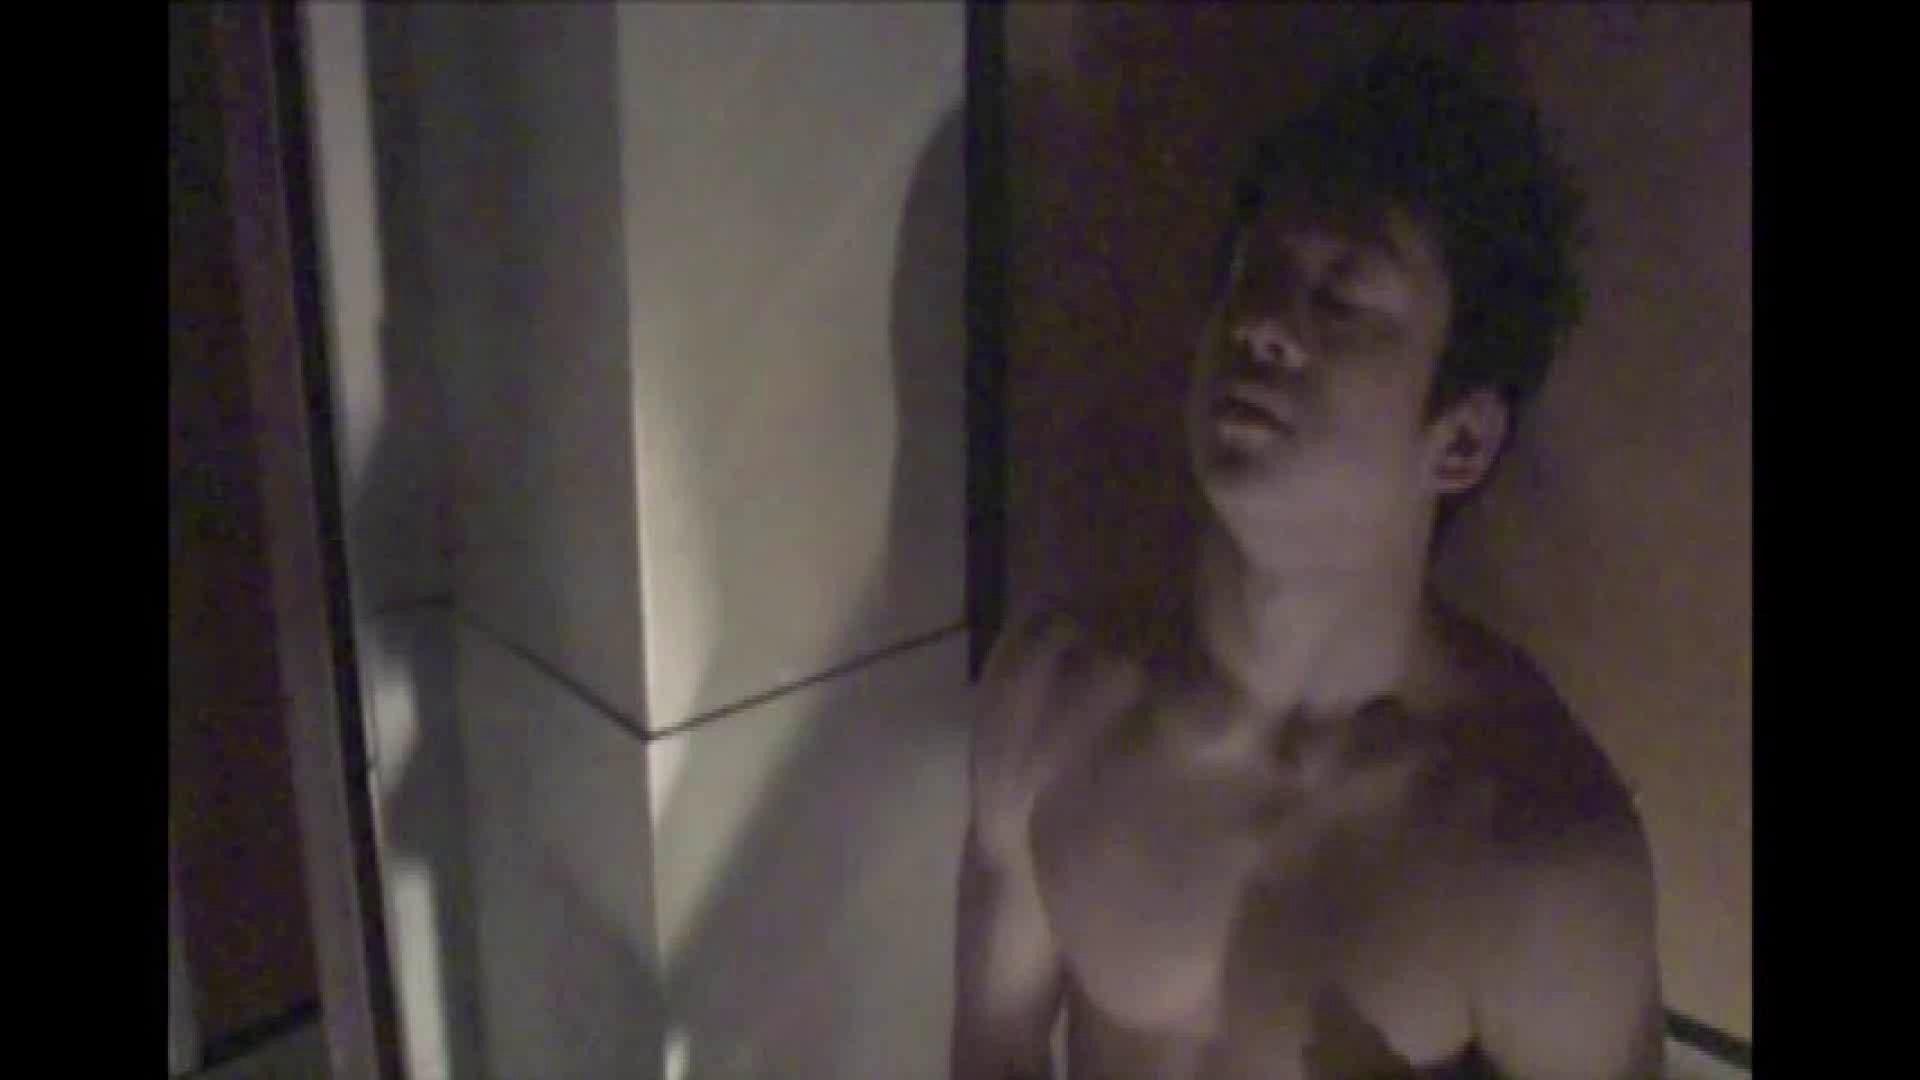 ヤリヤリ野郎共倶楽部vol.39 男・男・男 | エロエロ動画  98枚 35